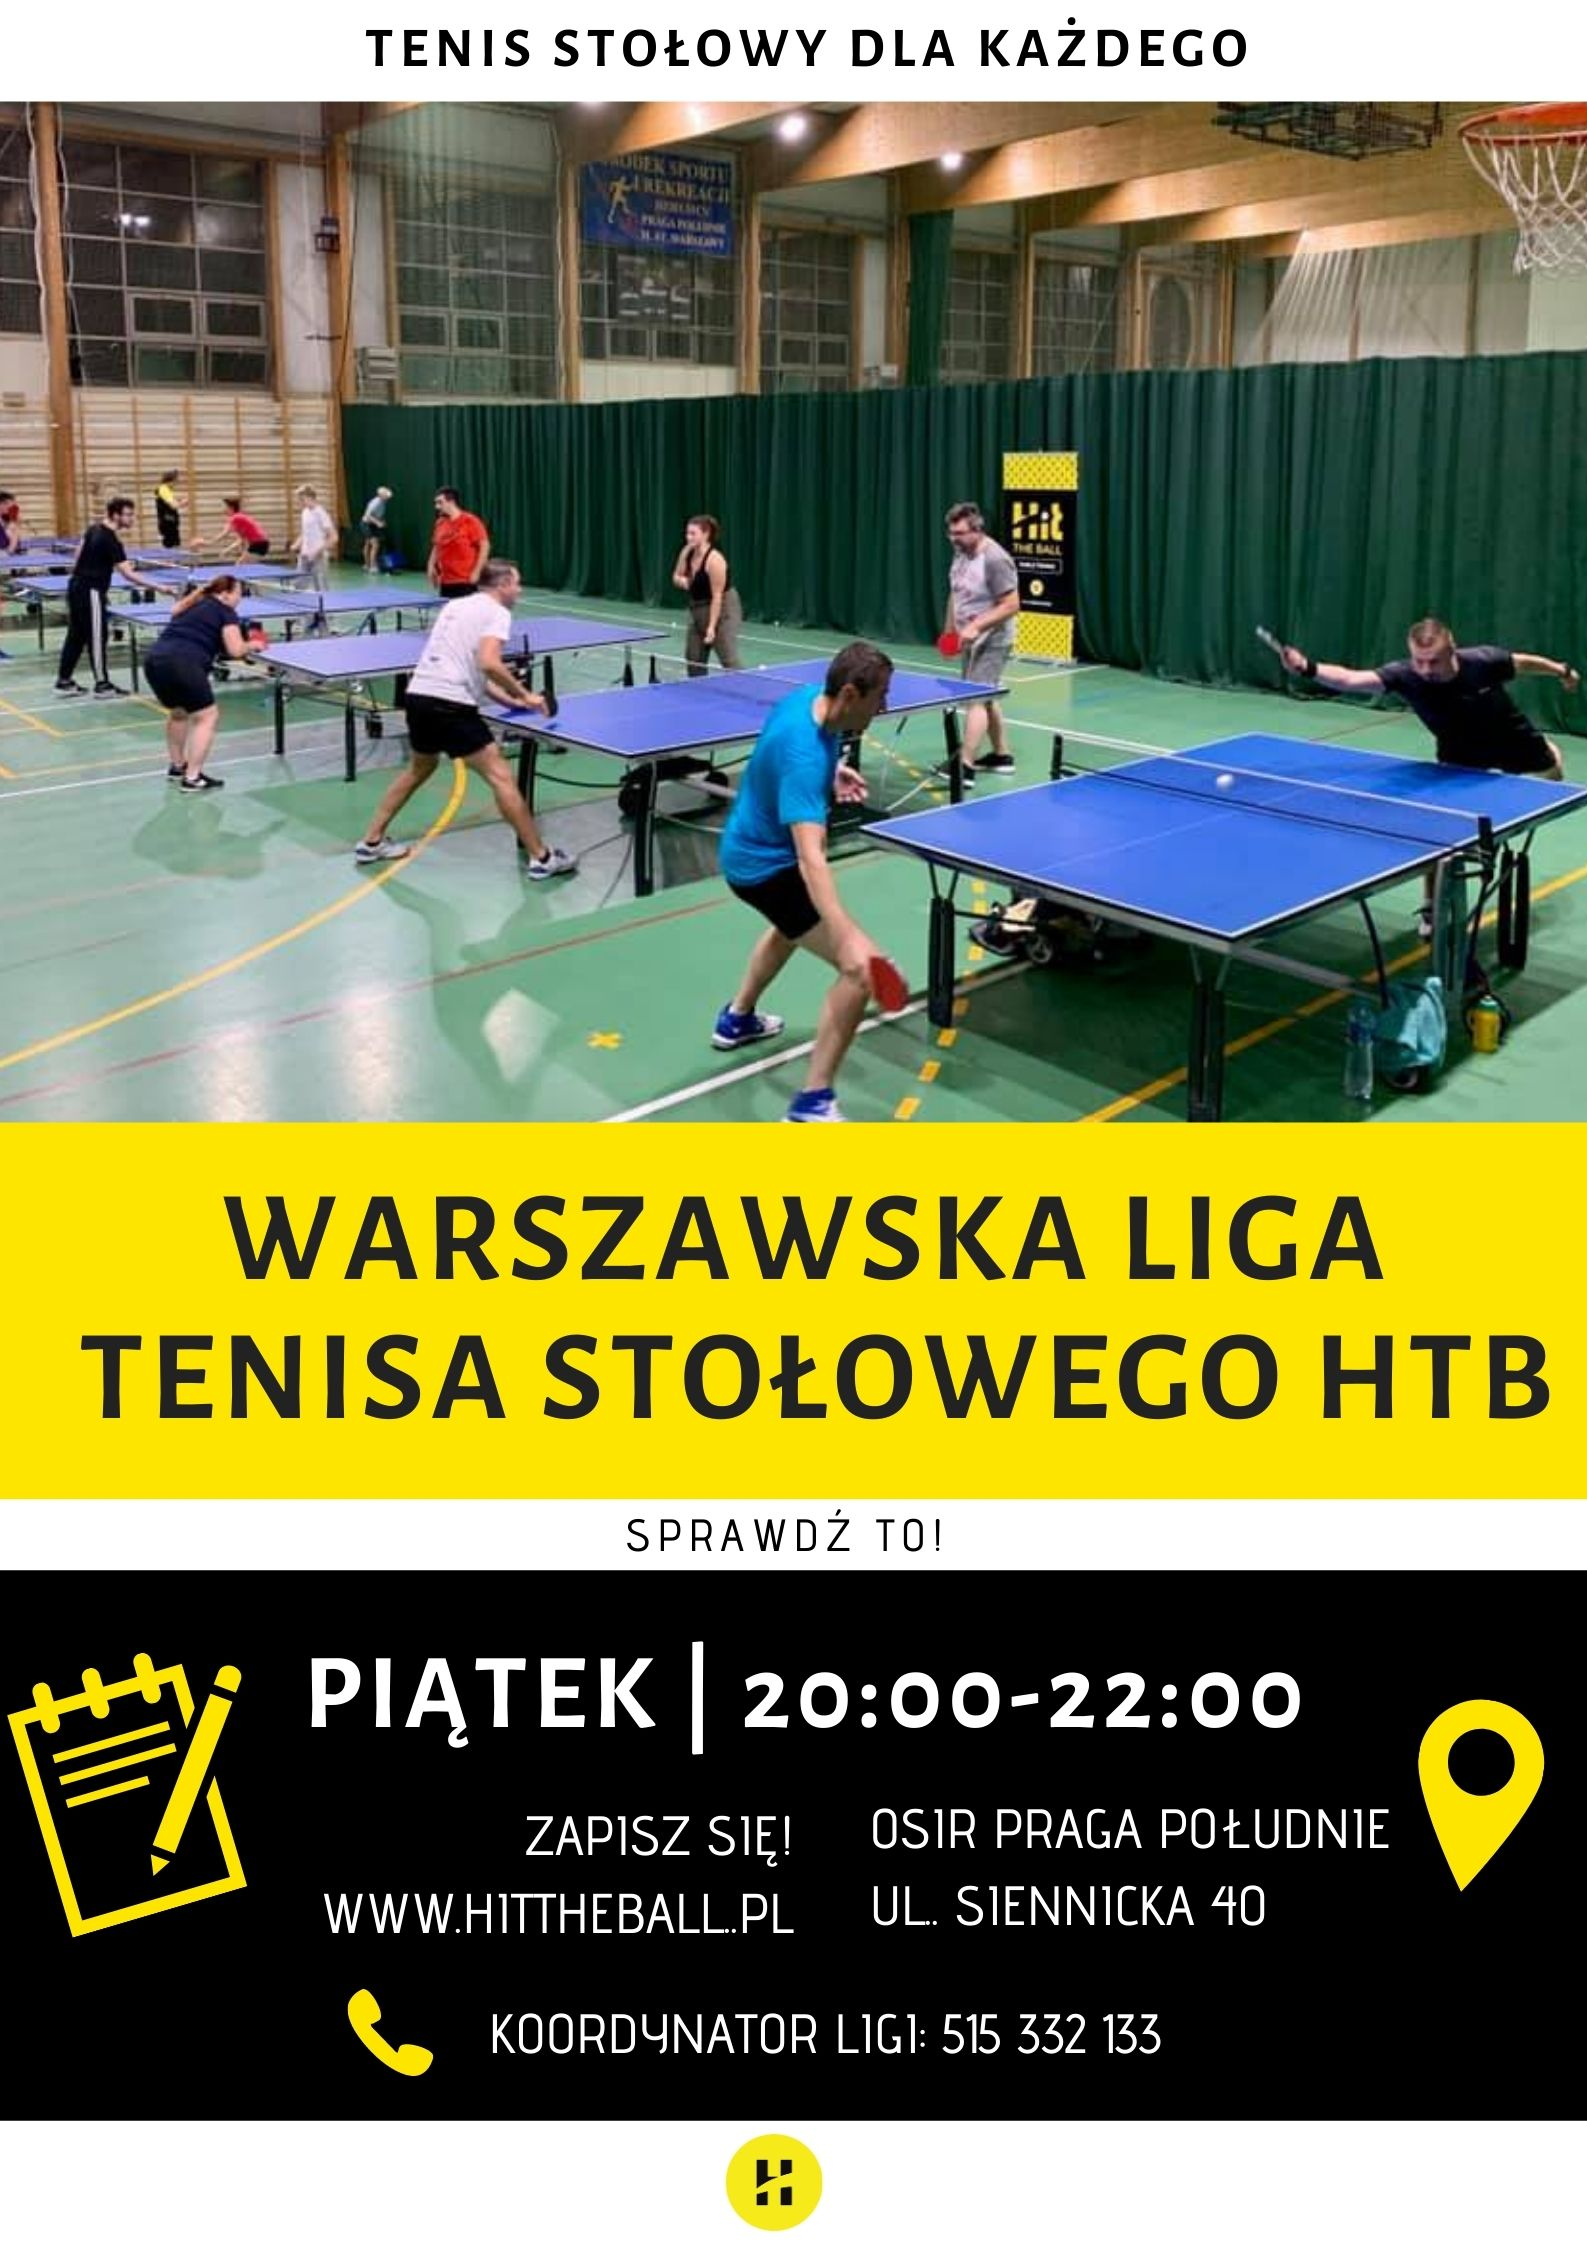 Plakat turnieju Warszawa Liga Tenisa Stołowego 2020 - 12  termin